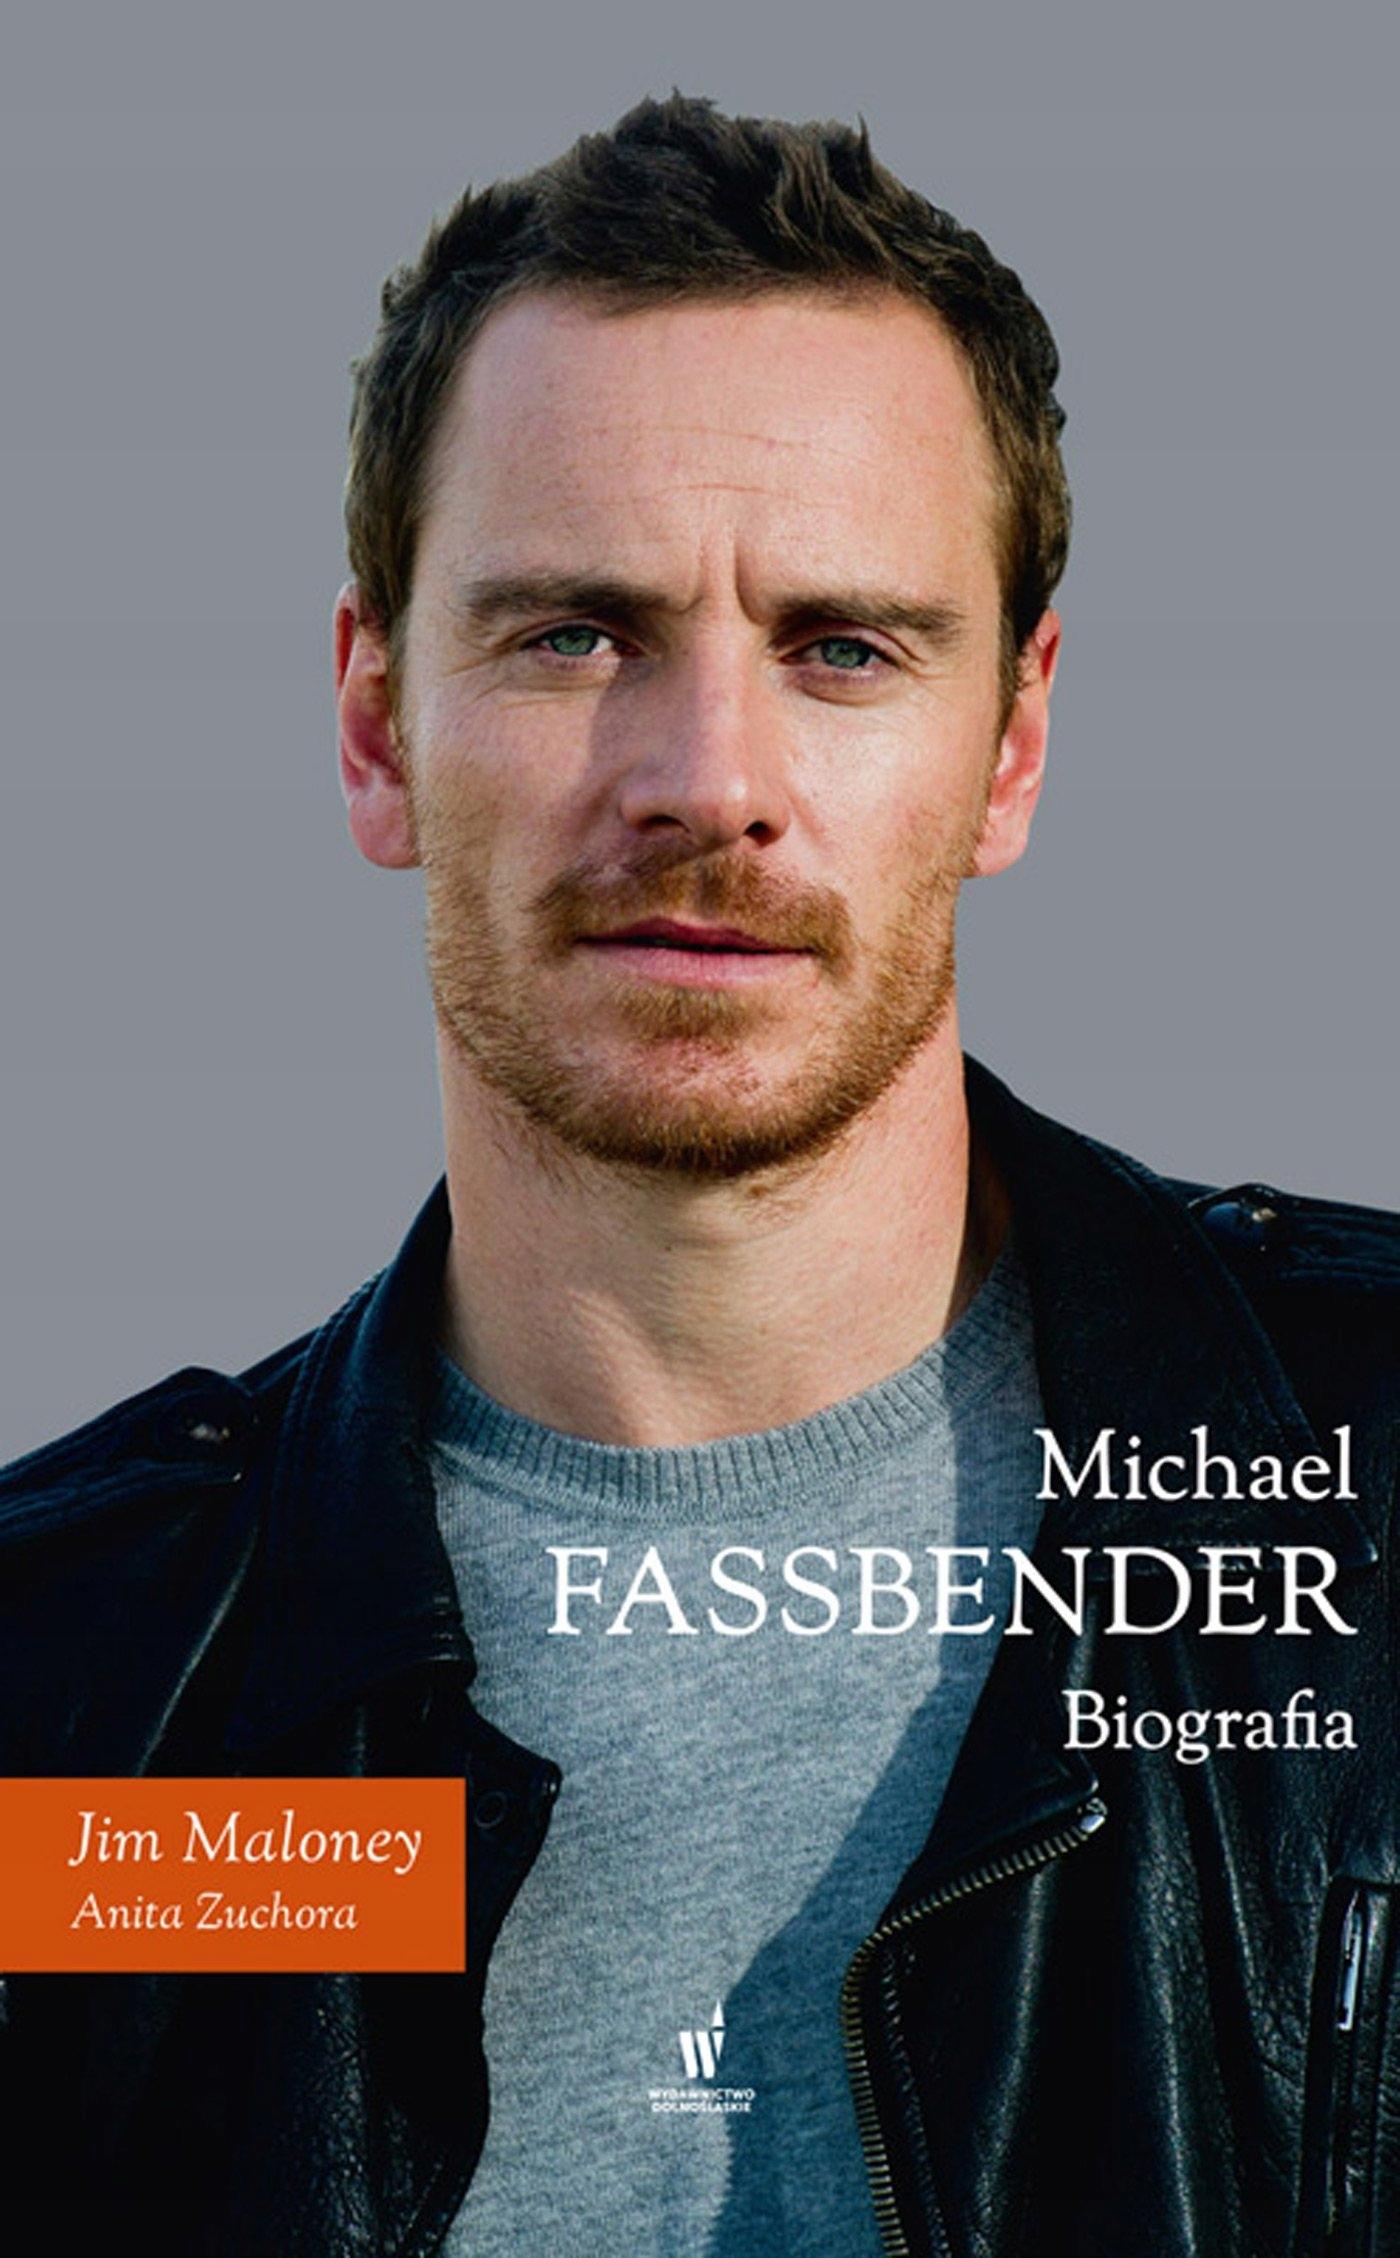 Michael Fassbender. Biografia Anita Zuchora